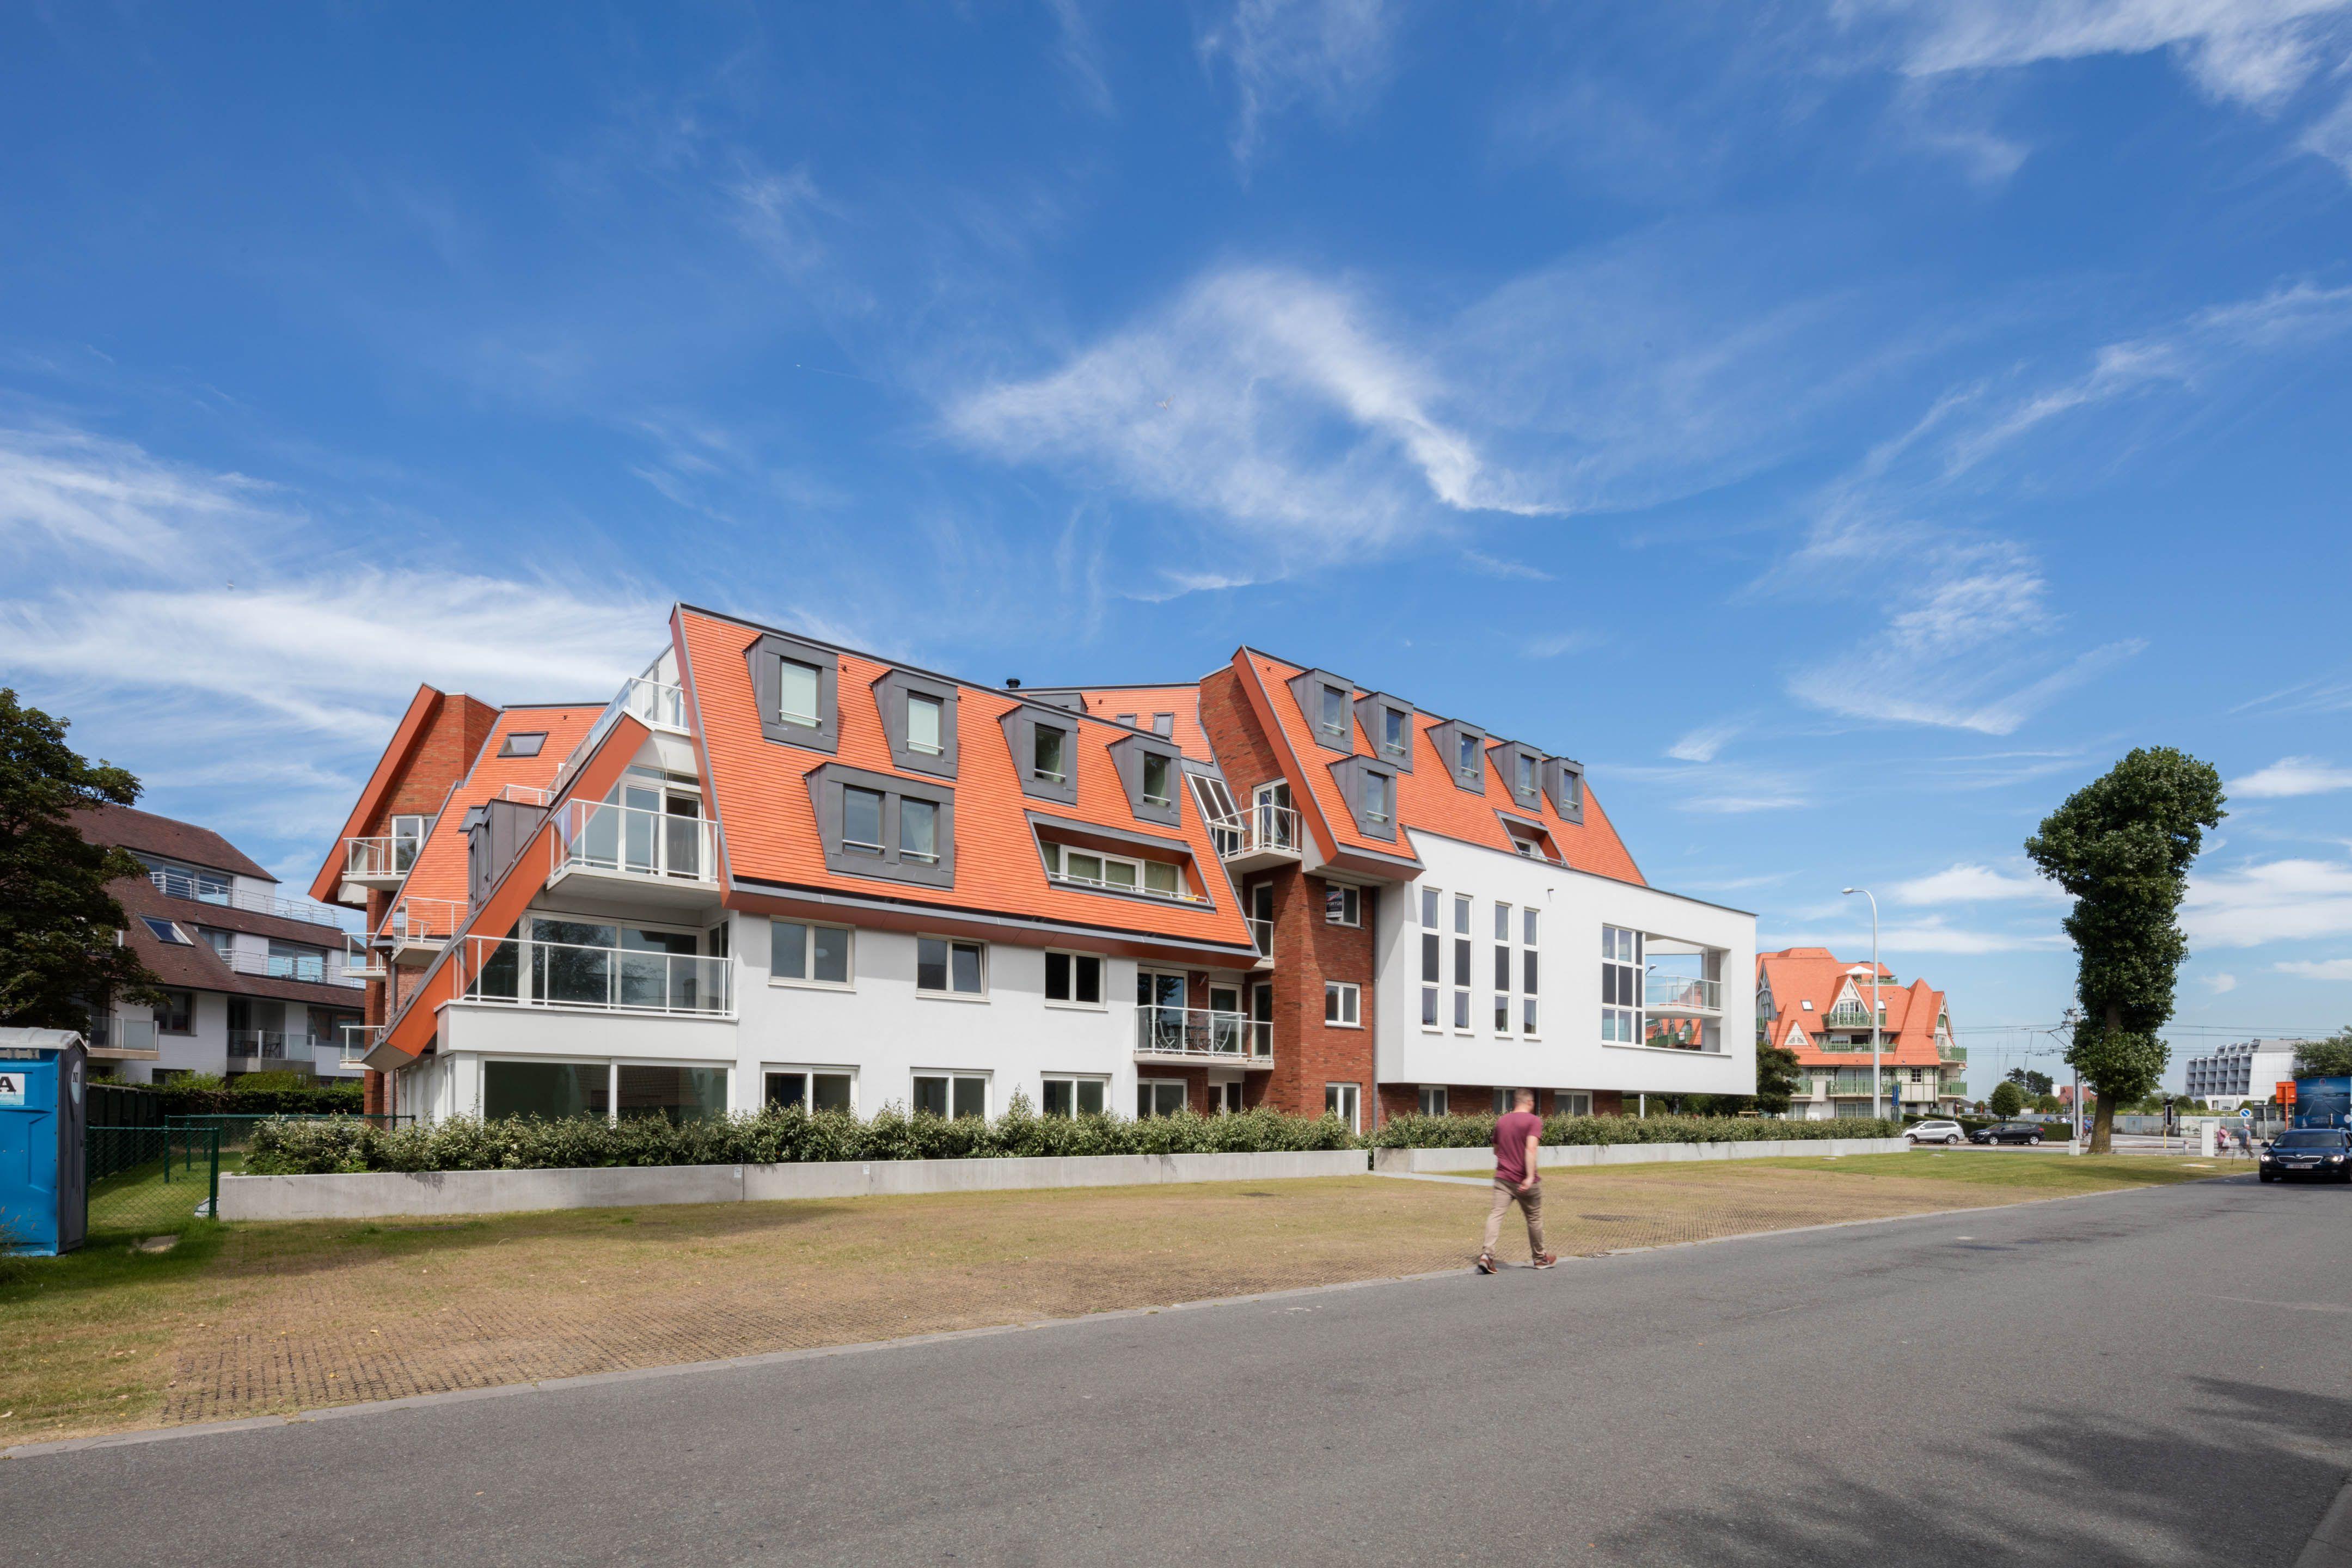 Appartement Residentie Villa Crombez Nieuwpoort - 9308